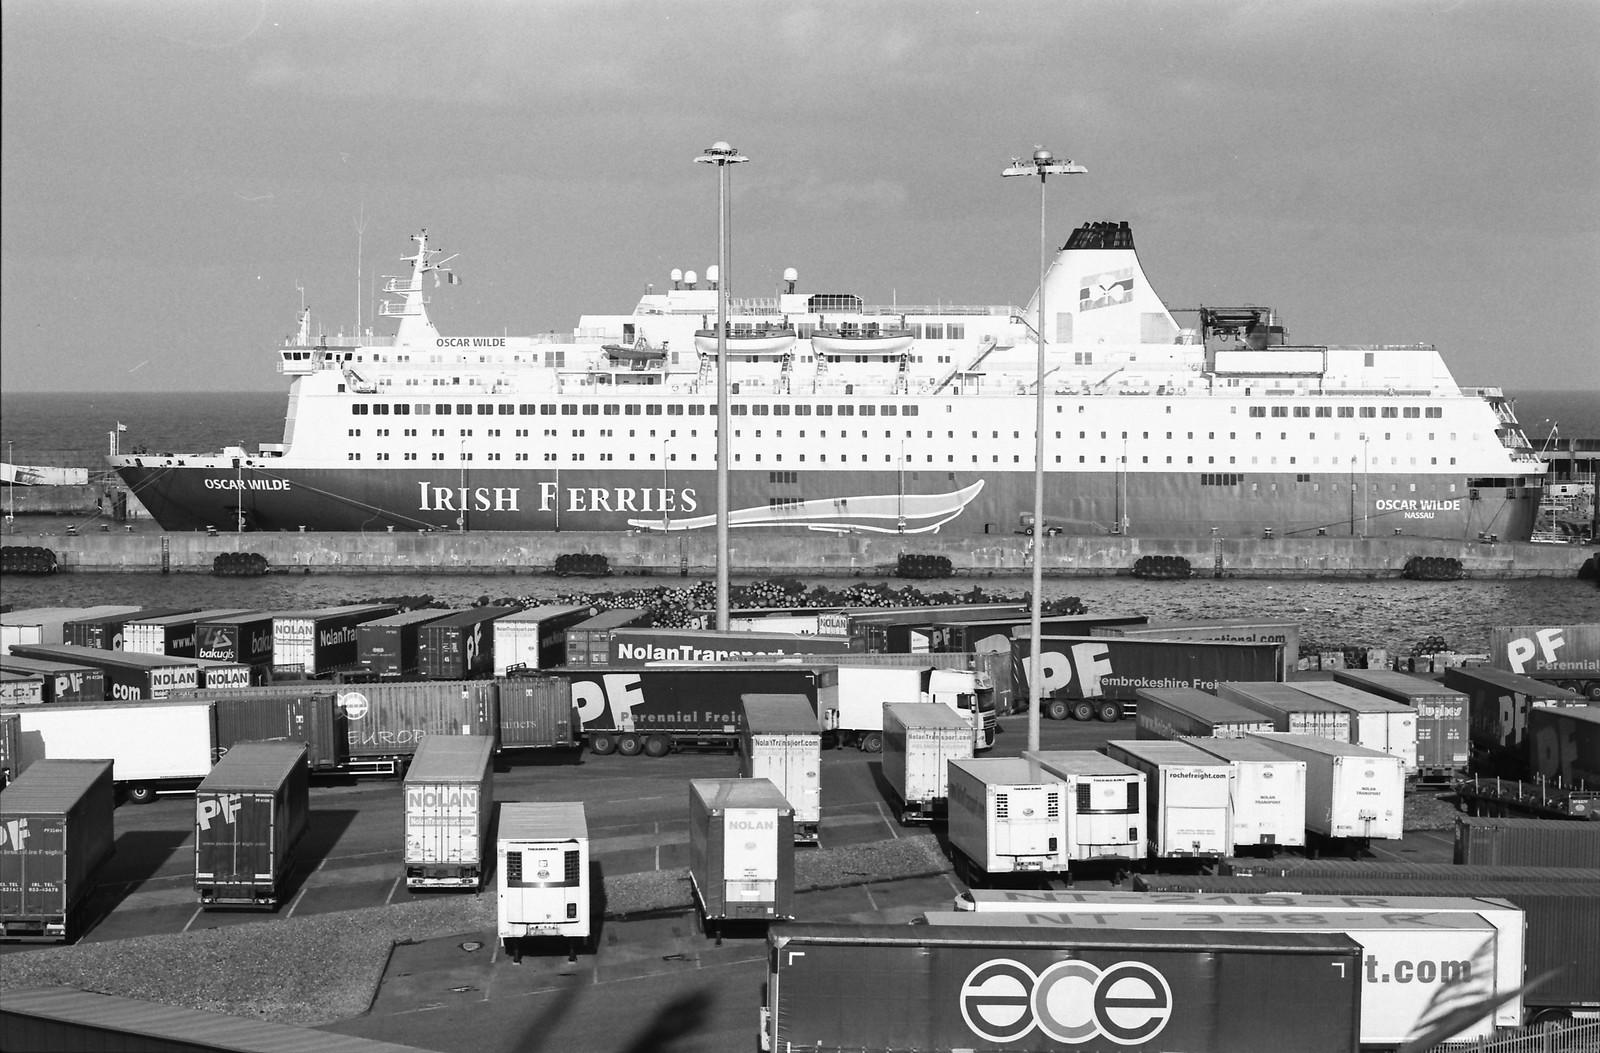 Irland 2017: von Rosslare nach Cherbourg (analog)